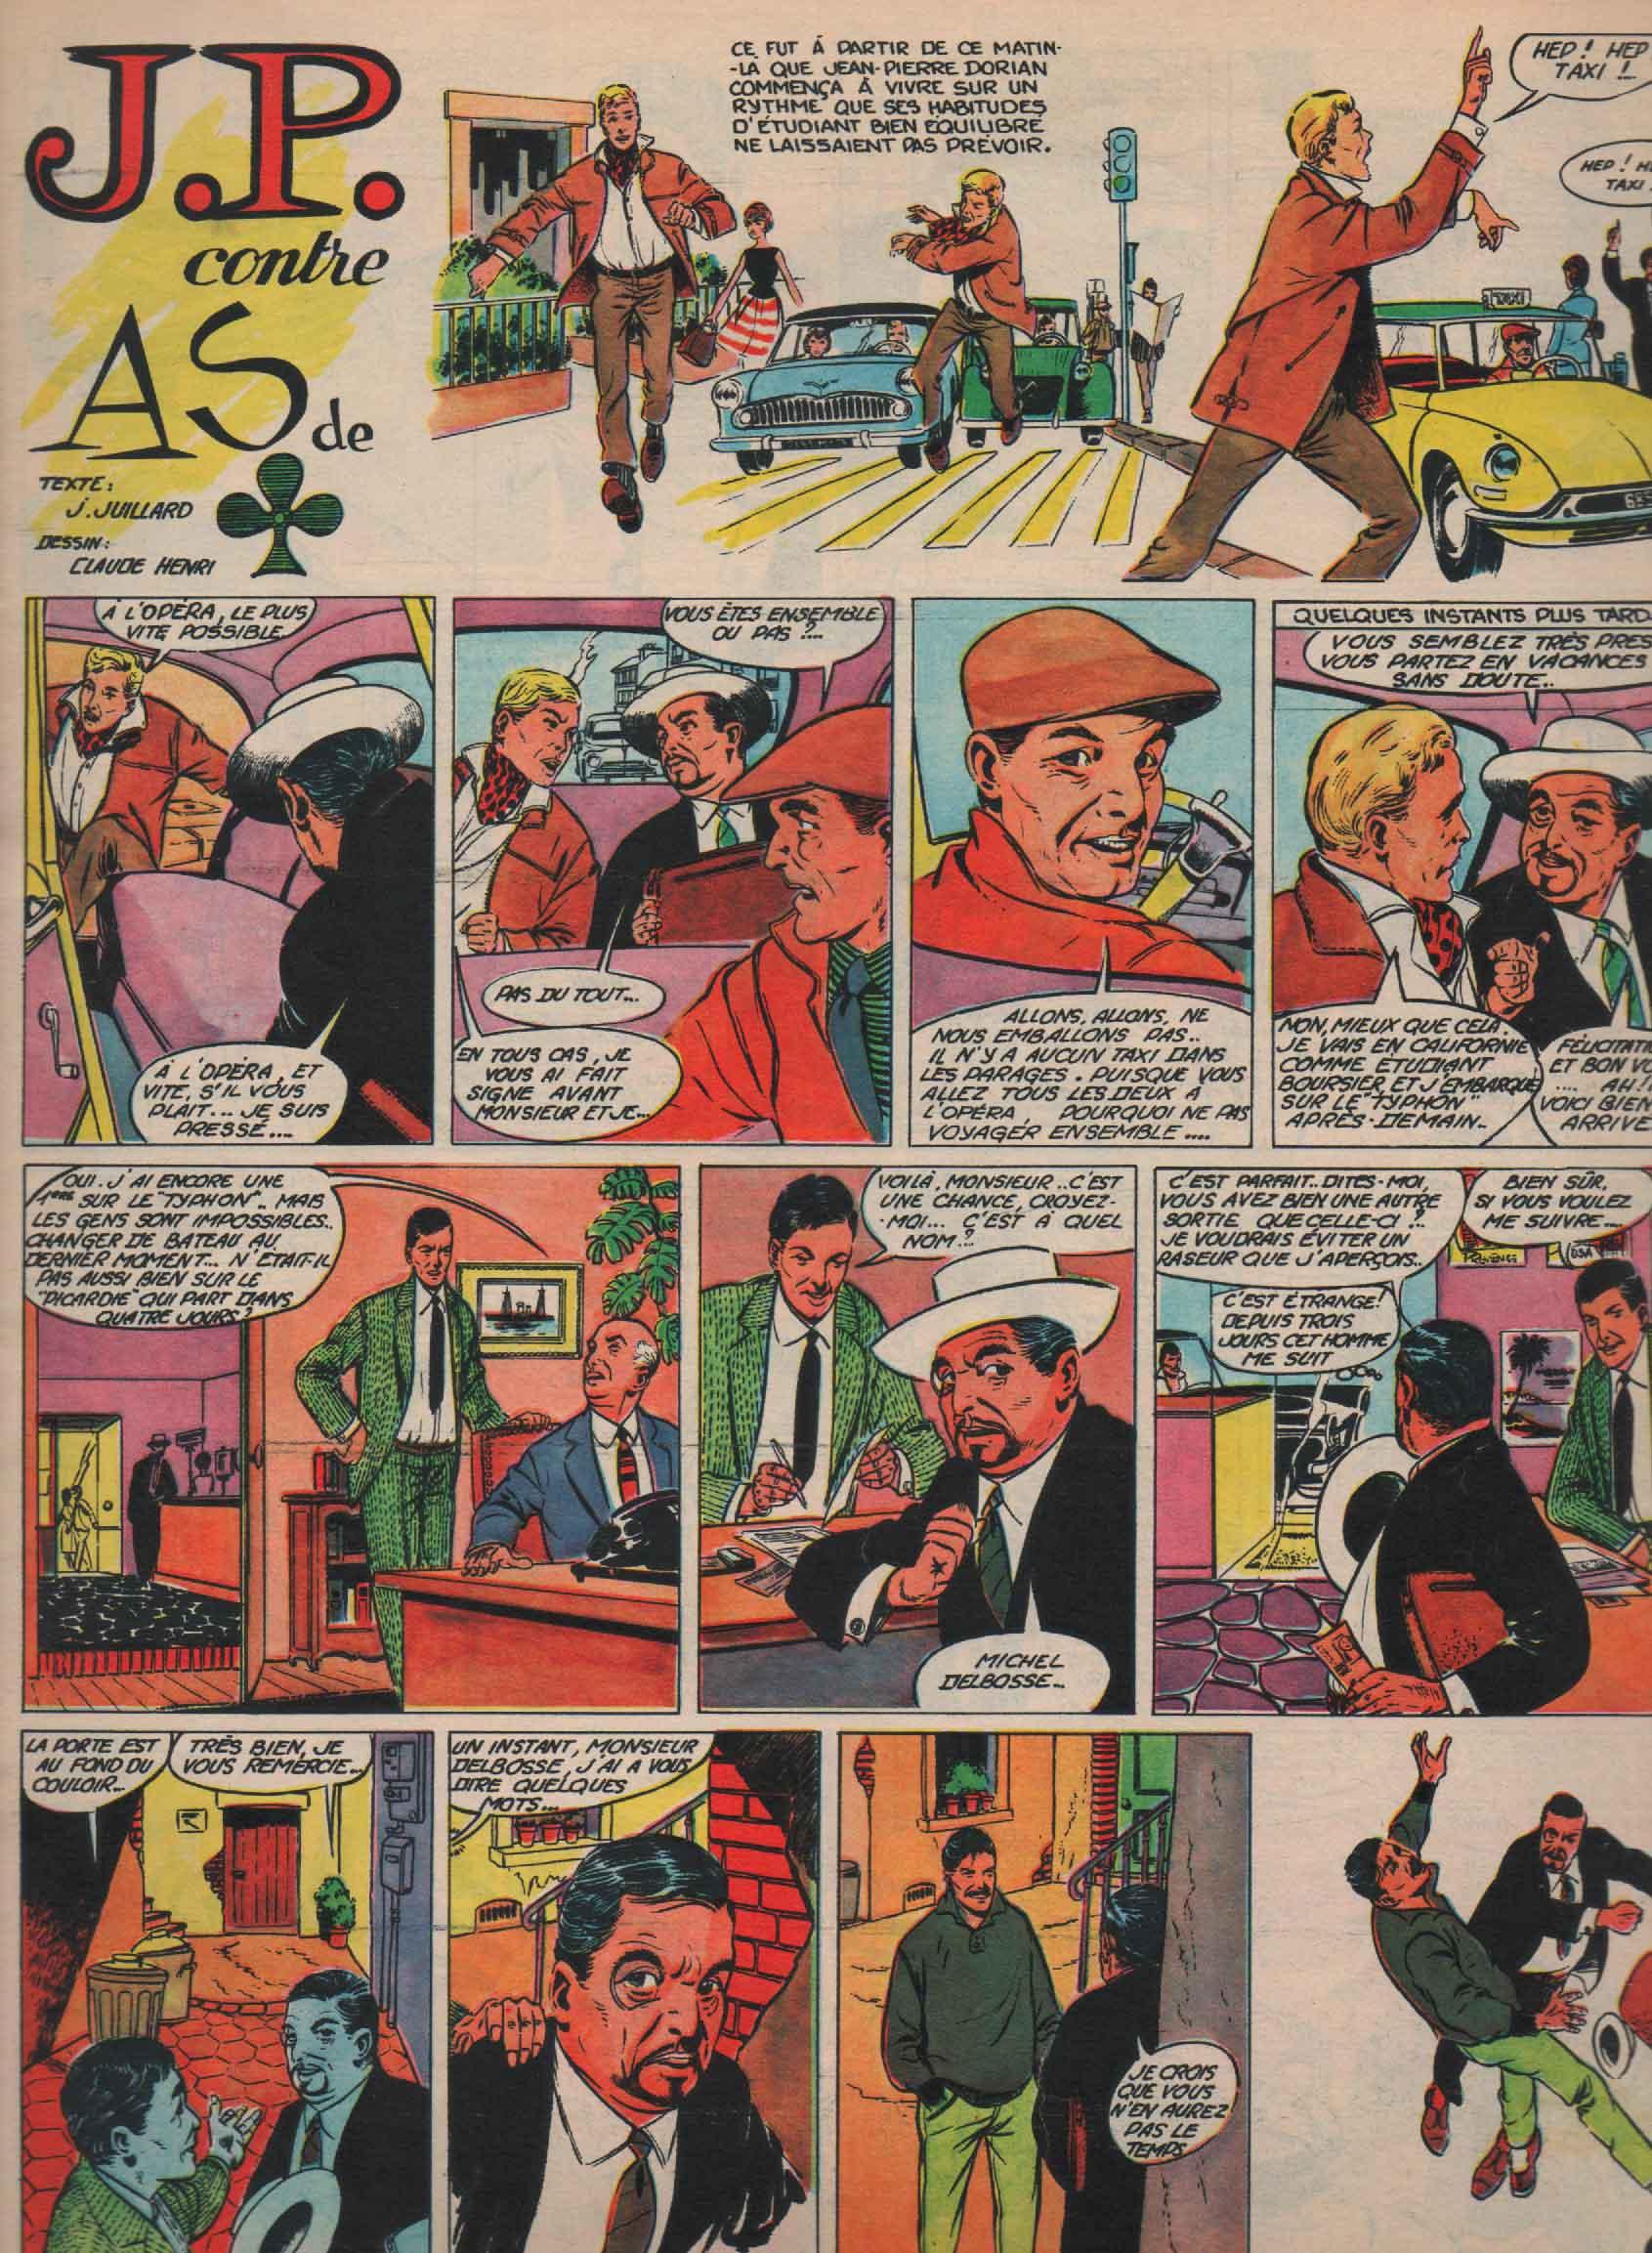 « J. P. contre As de pic » Pilote n° 134 (17/05/1962).